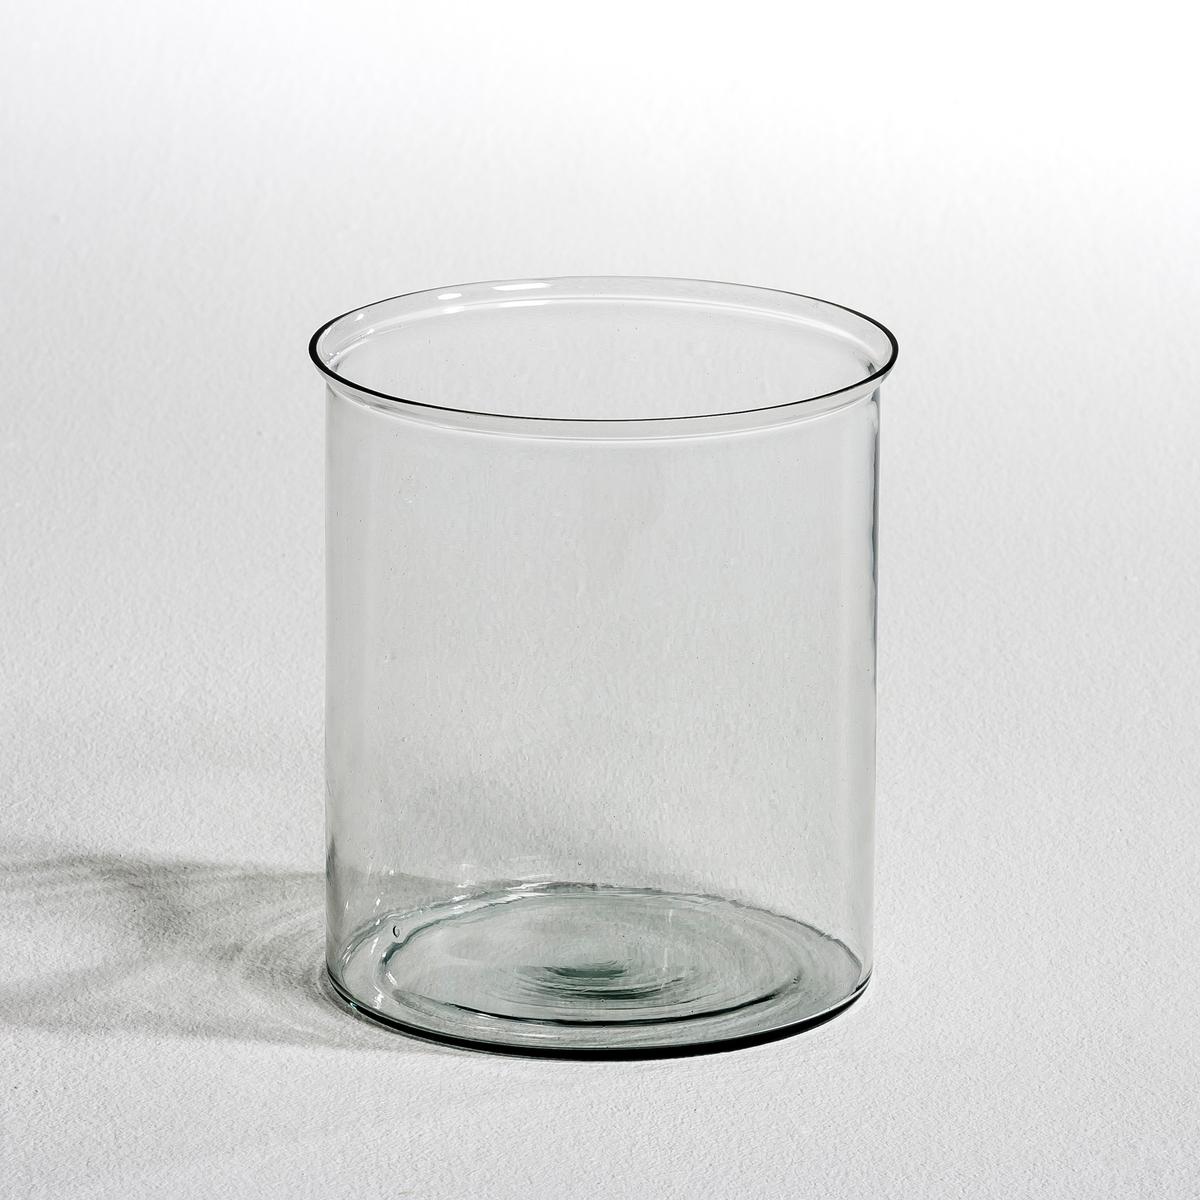 Ваза из стекла Doris, малая модельХарактеристики :Из прозрачного стекла .Размеры :диаметр 18 x высота 20 см.<br><br>Цвет: прозрачный<br>Размер: единый размер